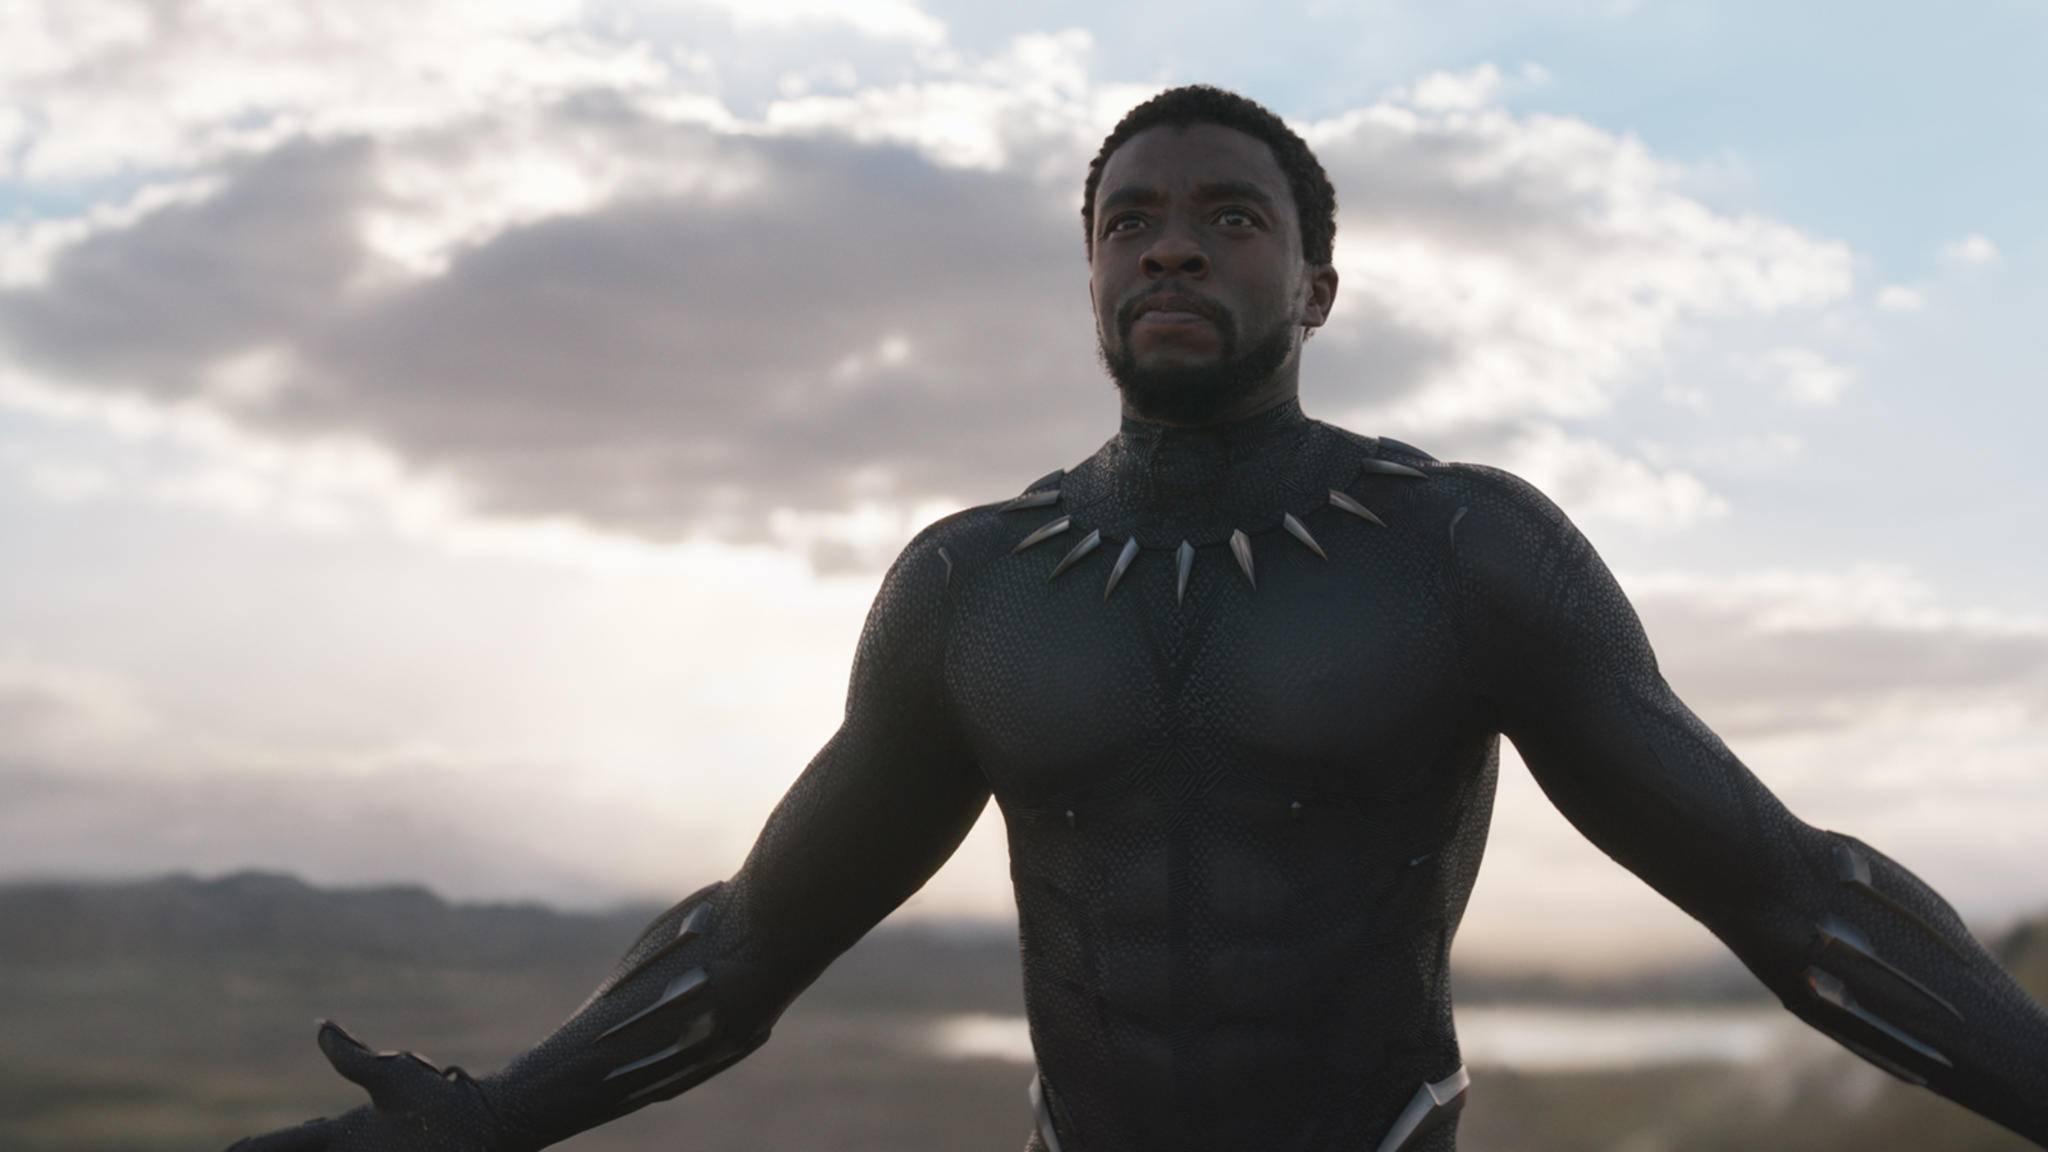 Vor dem König von Wakanda müssen sich auch die Kritiker beugen.